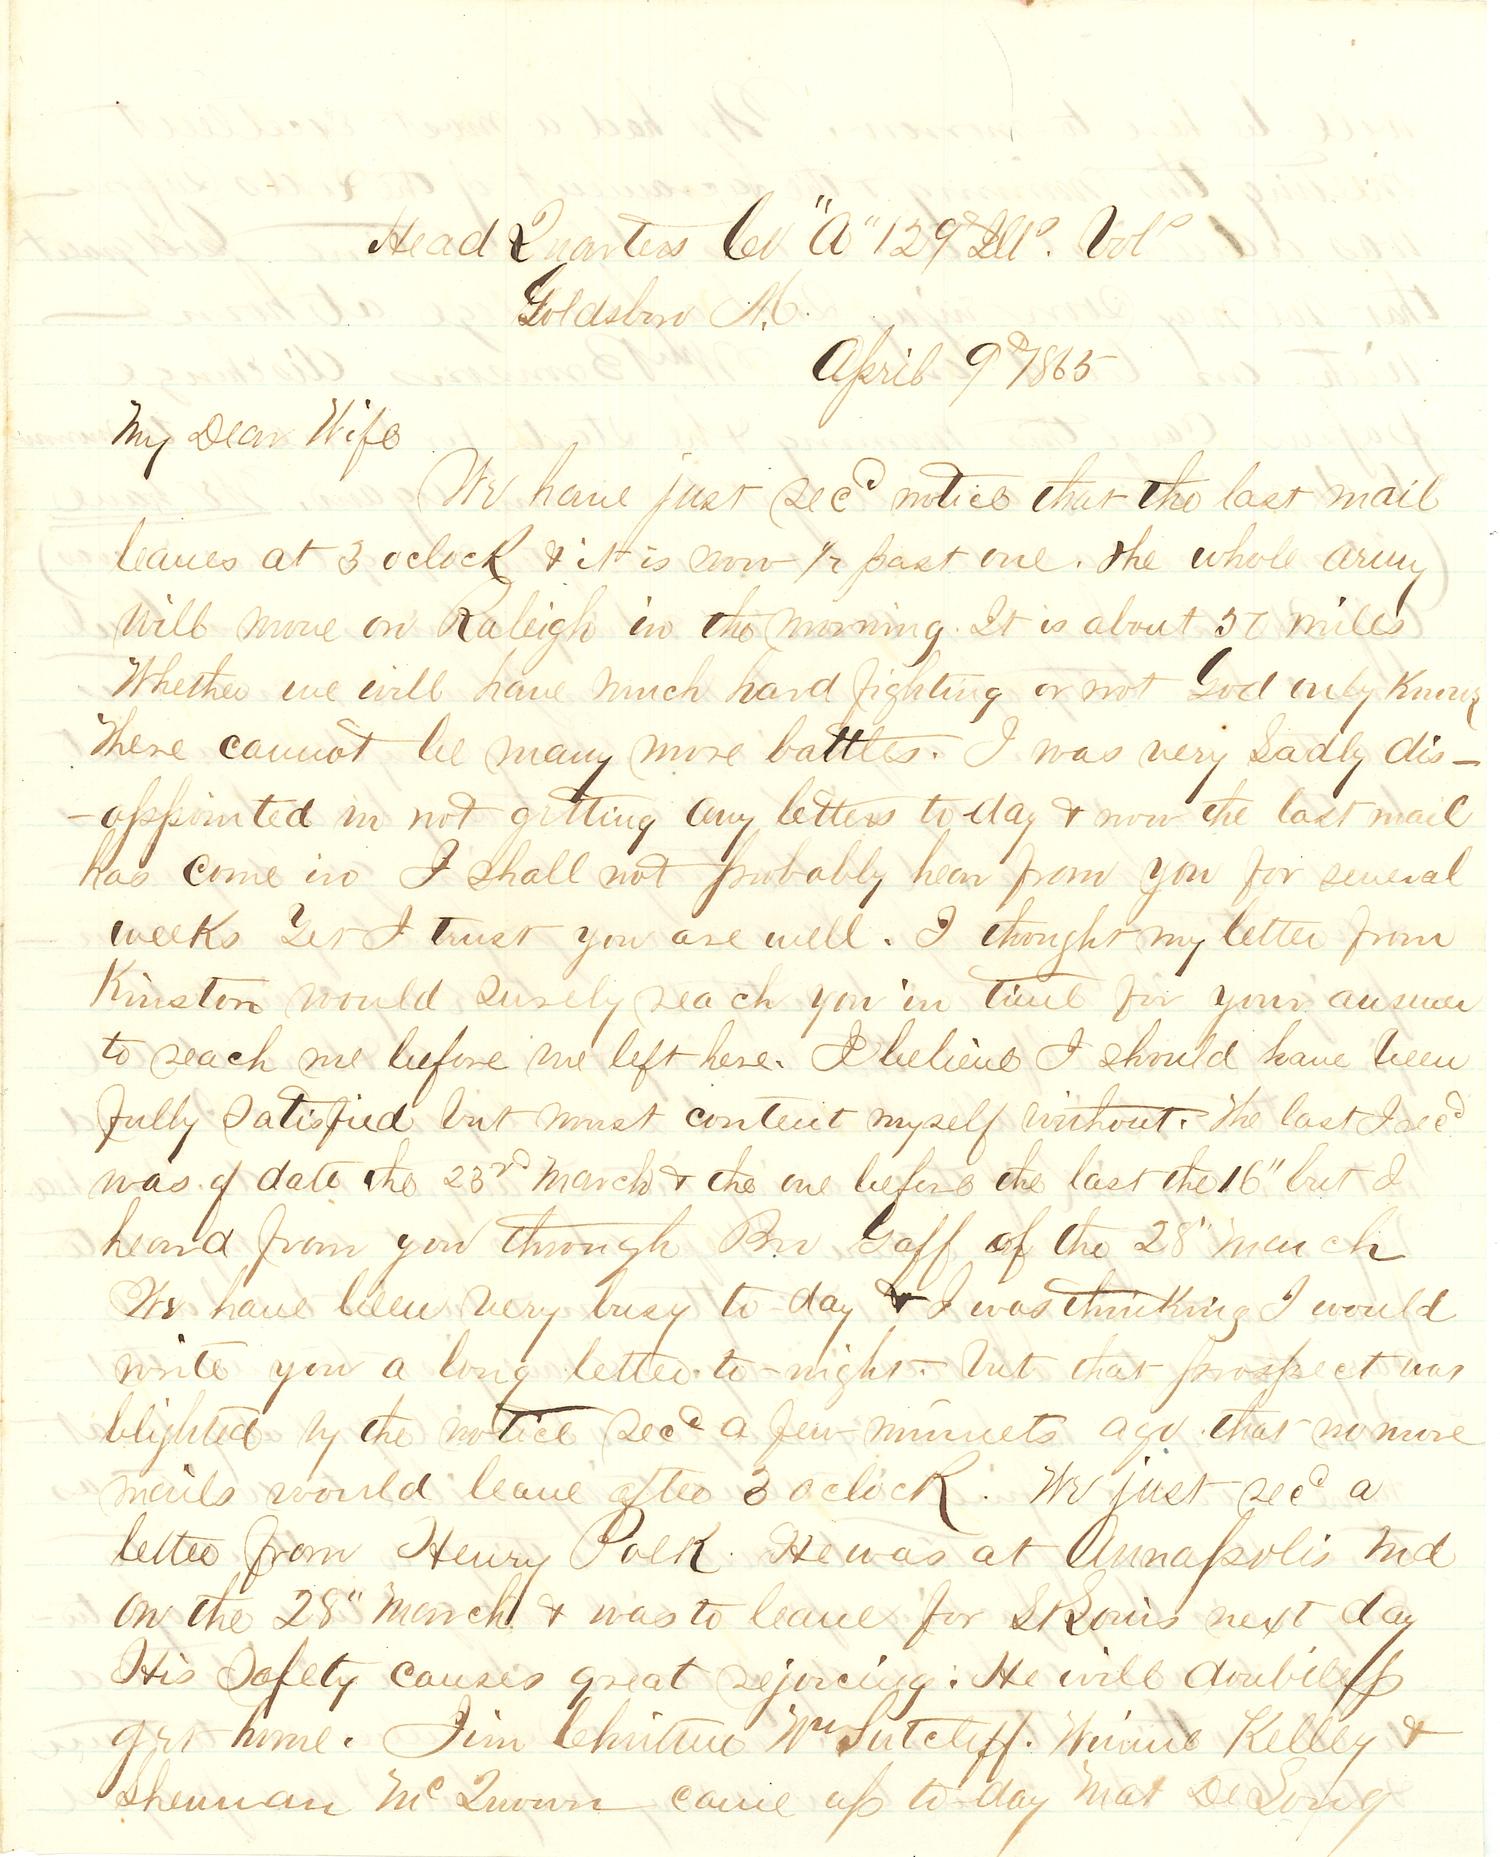 Joseph Culver Letter, April 9, 1865, Page 1